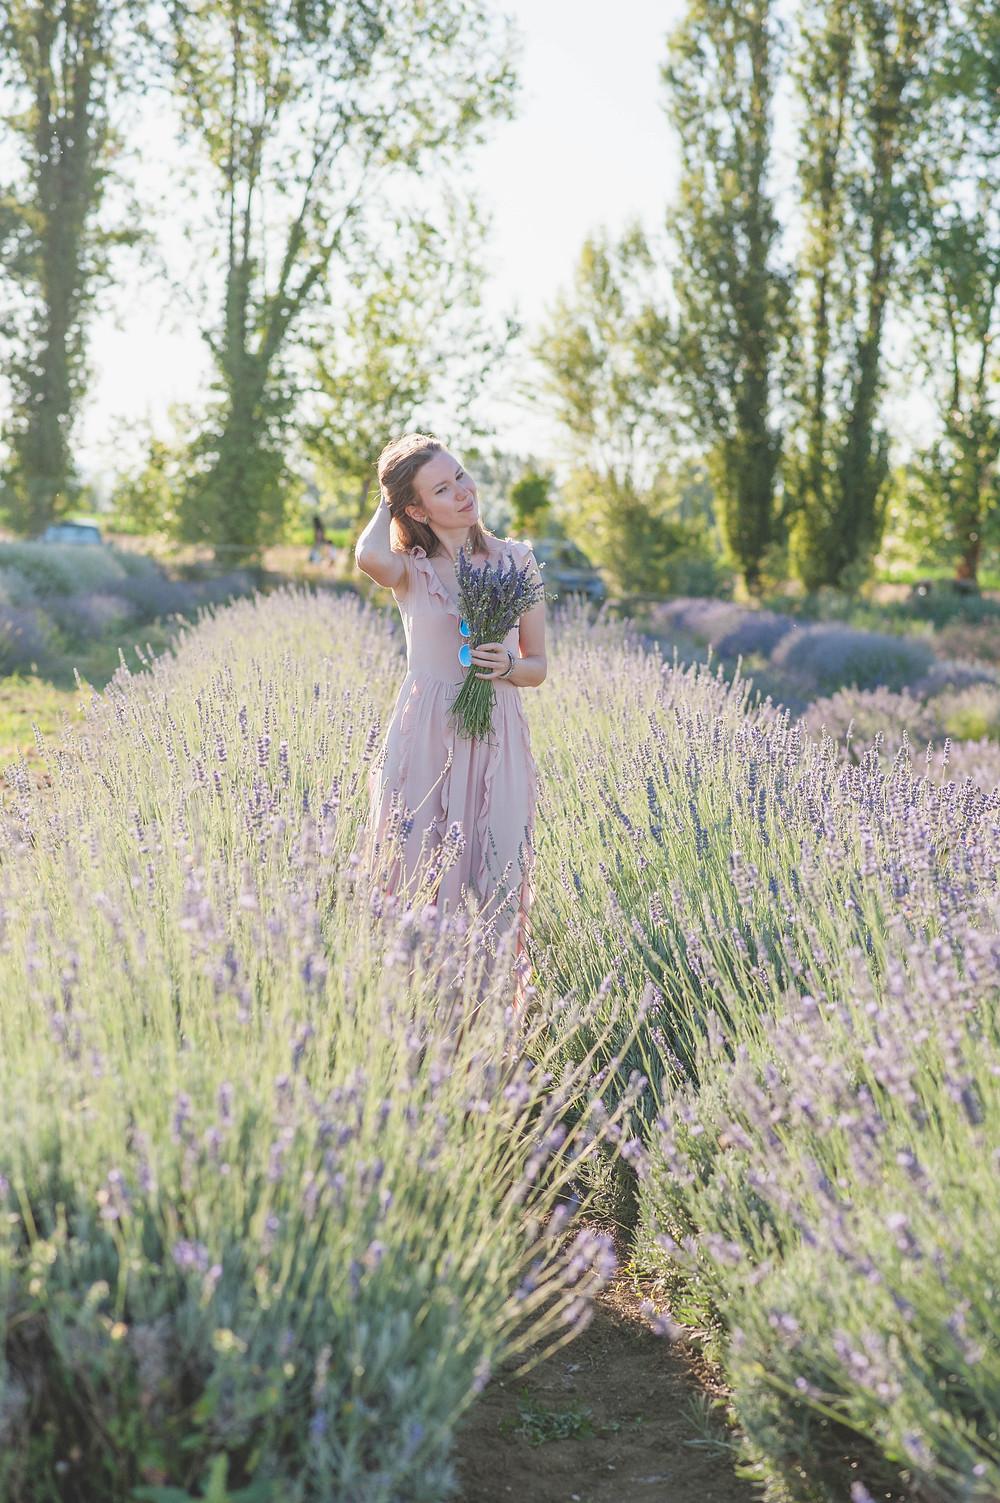 photo shoot in Italy, фотосессия в лавандовых полях в Италии